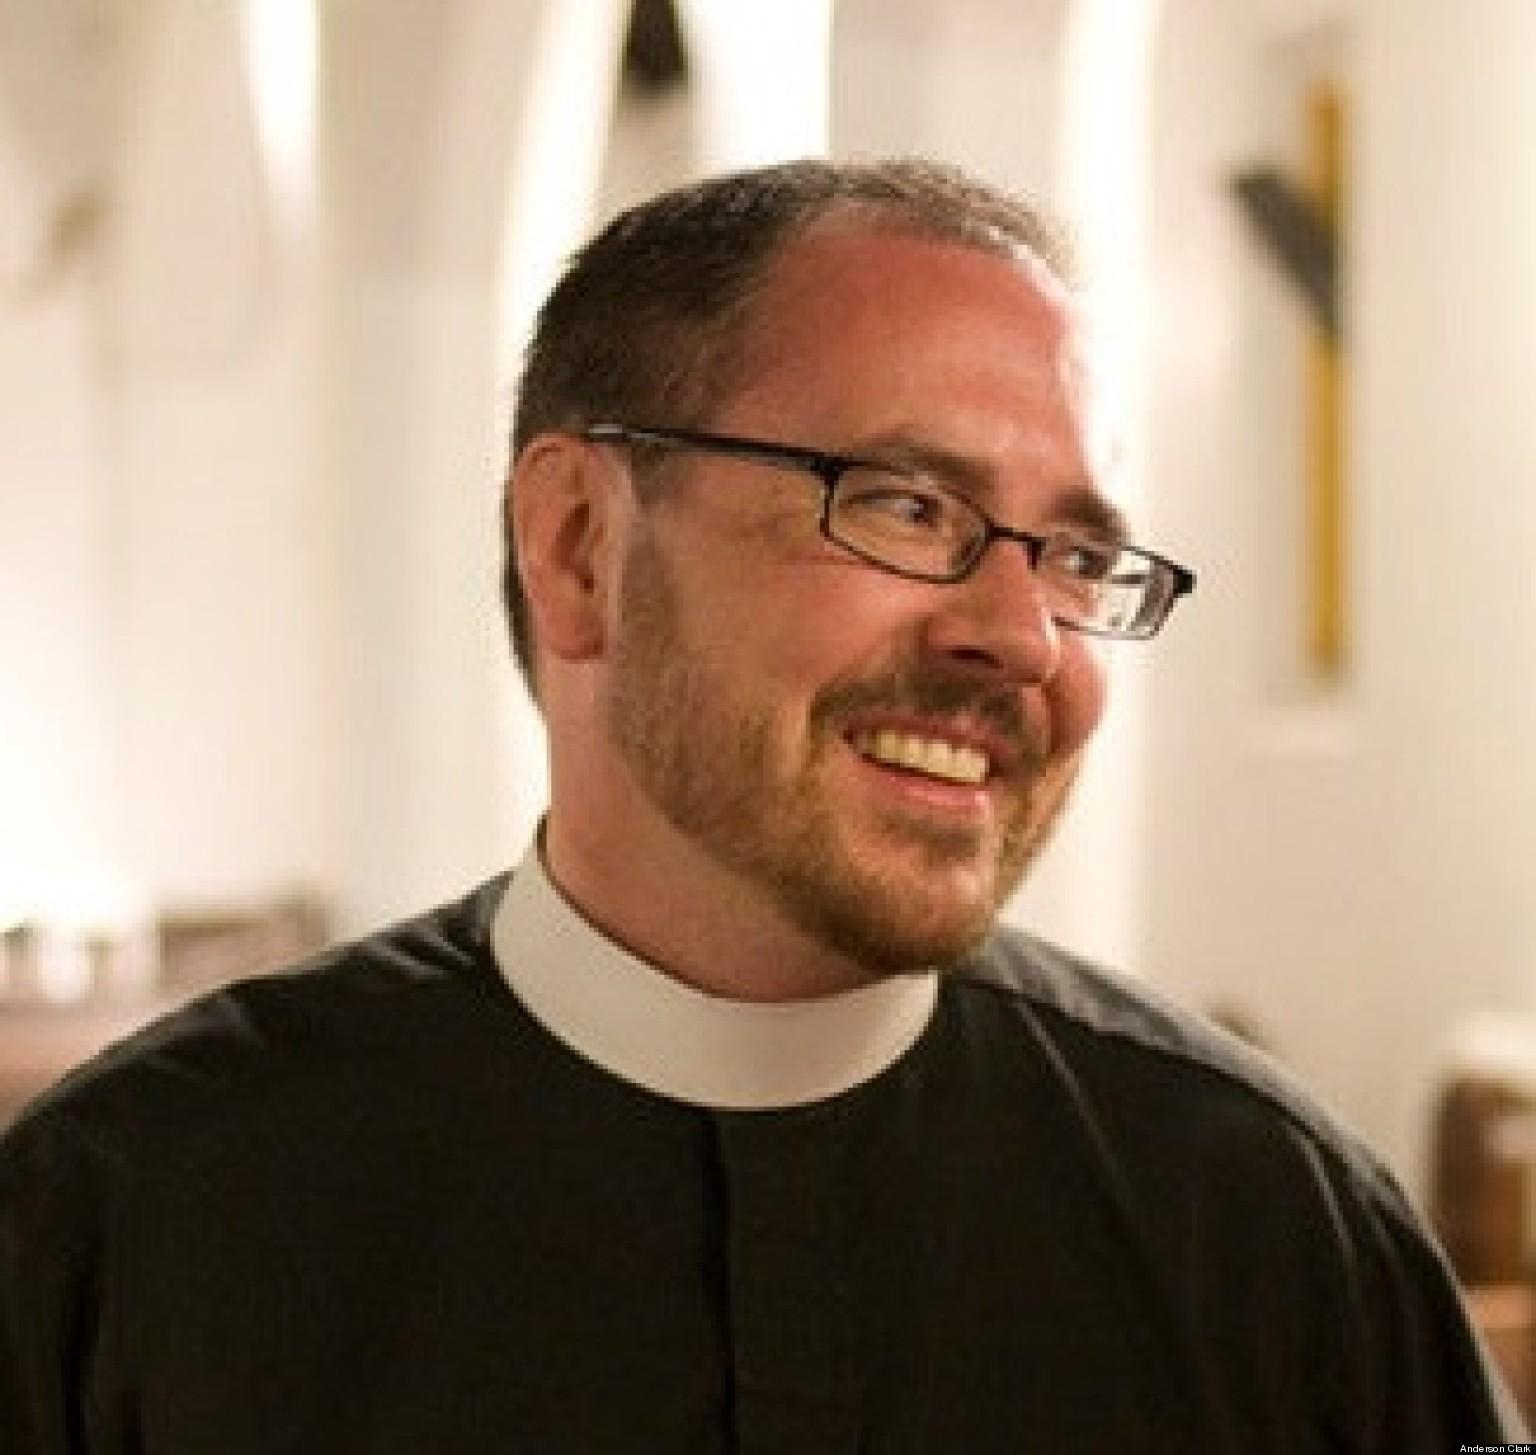 from Austin episcopalian gay priest